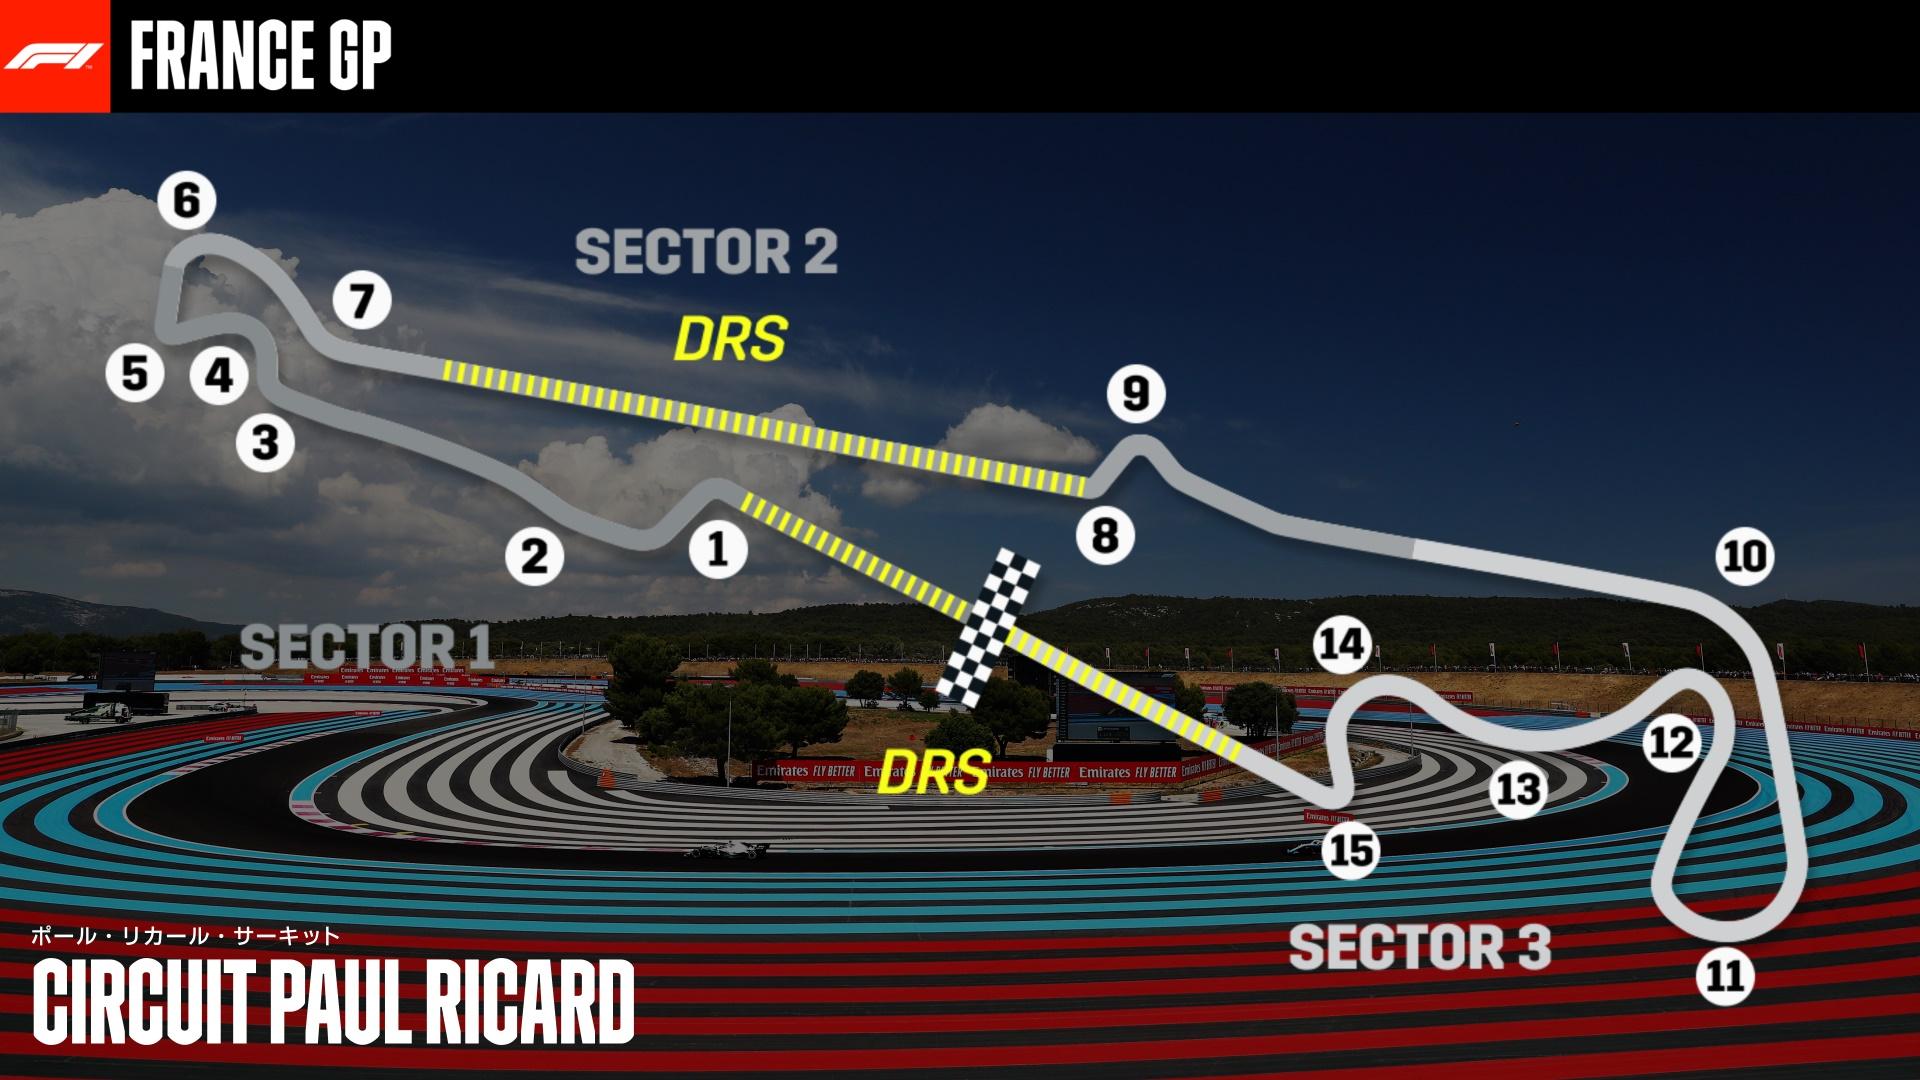 2021-05-22 France Circuit F1 Formula 1